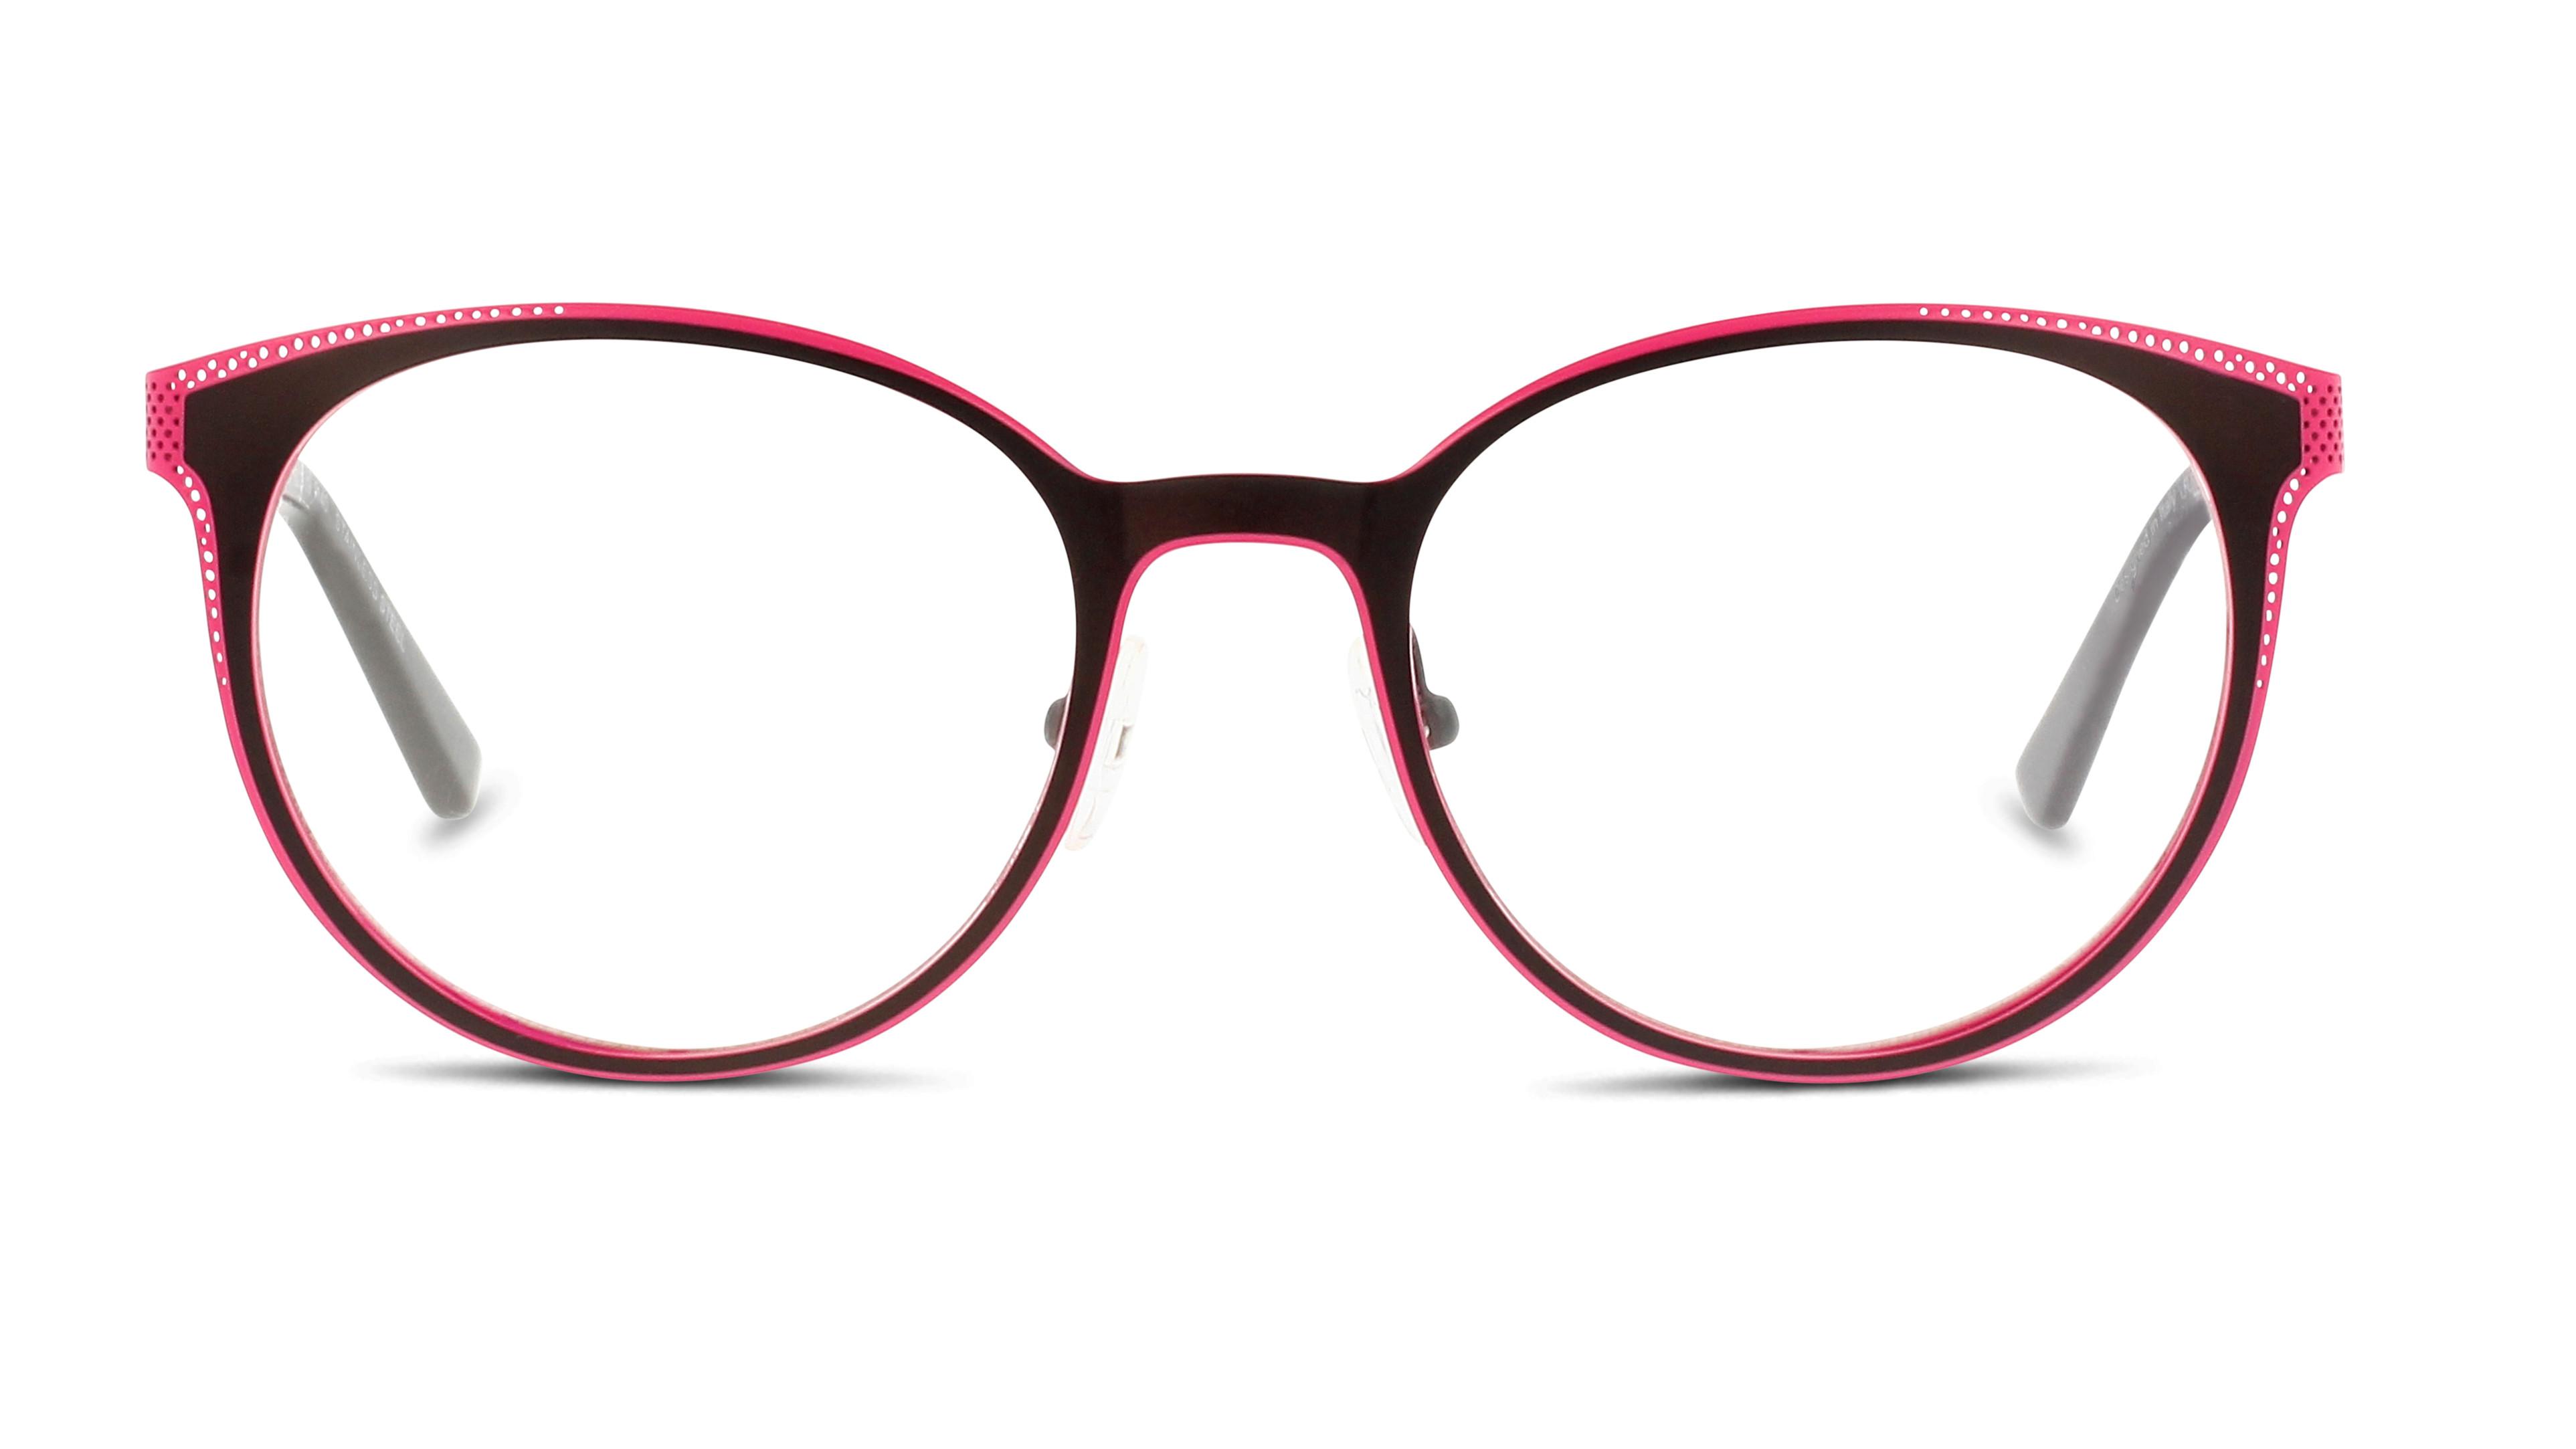 8719154621635-front-01-fuzion-fuif03-Eyewear-brown-pink